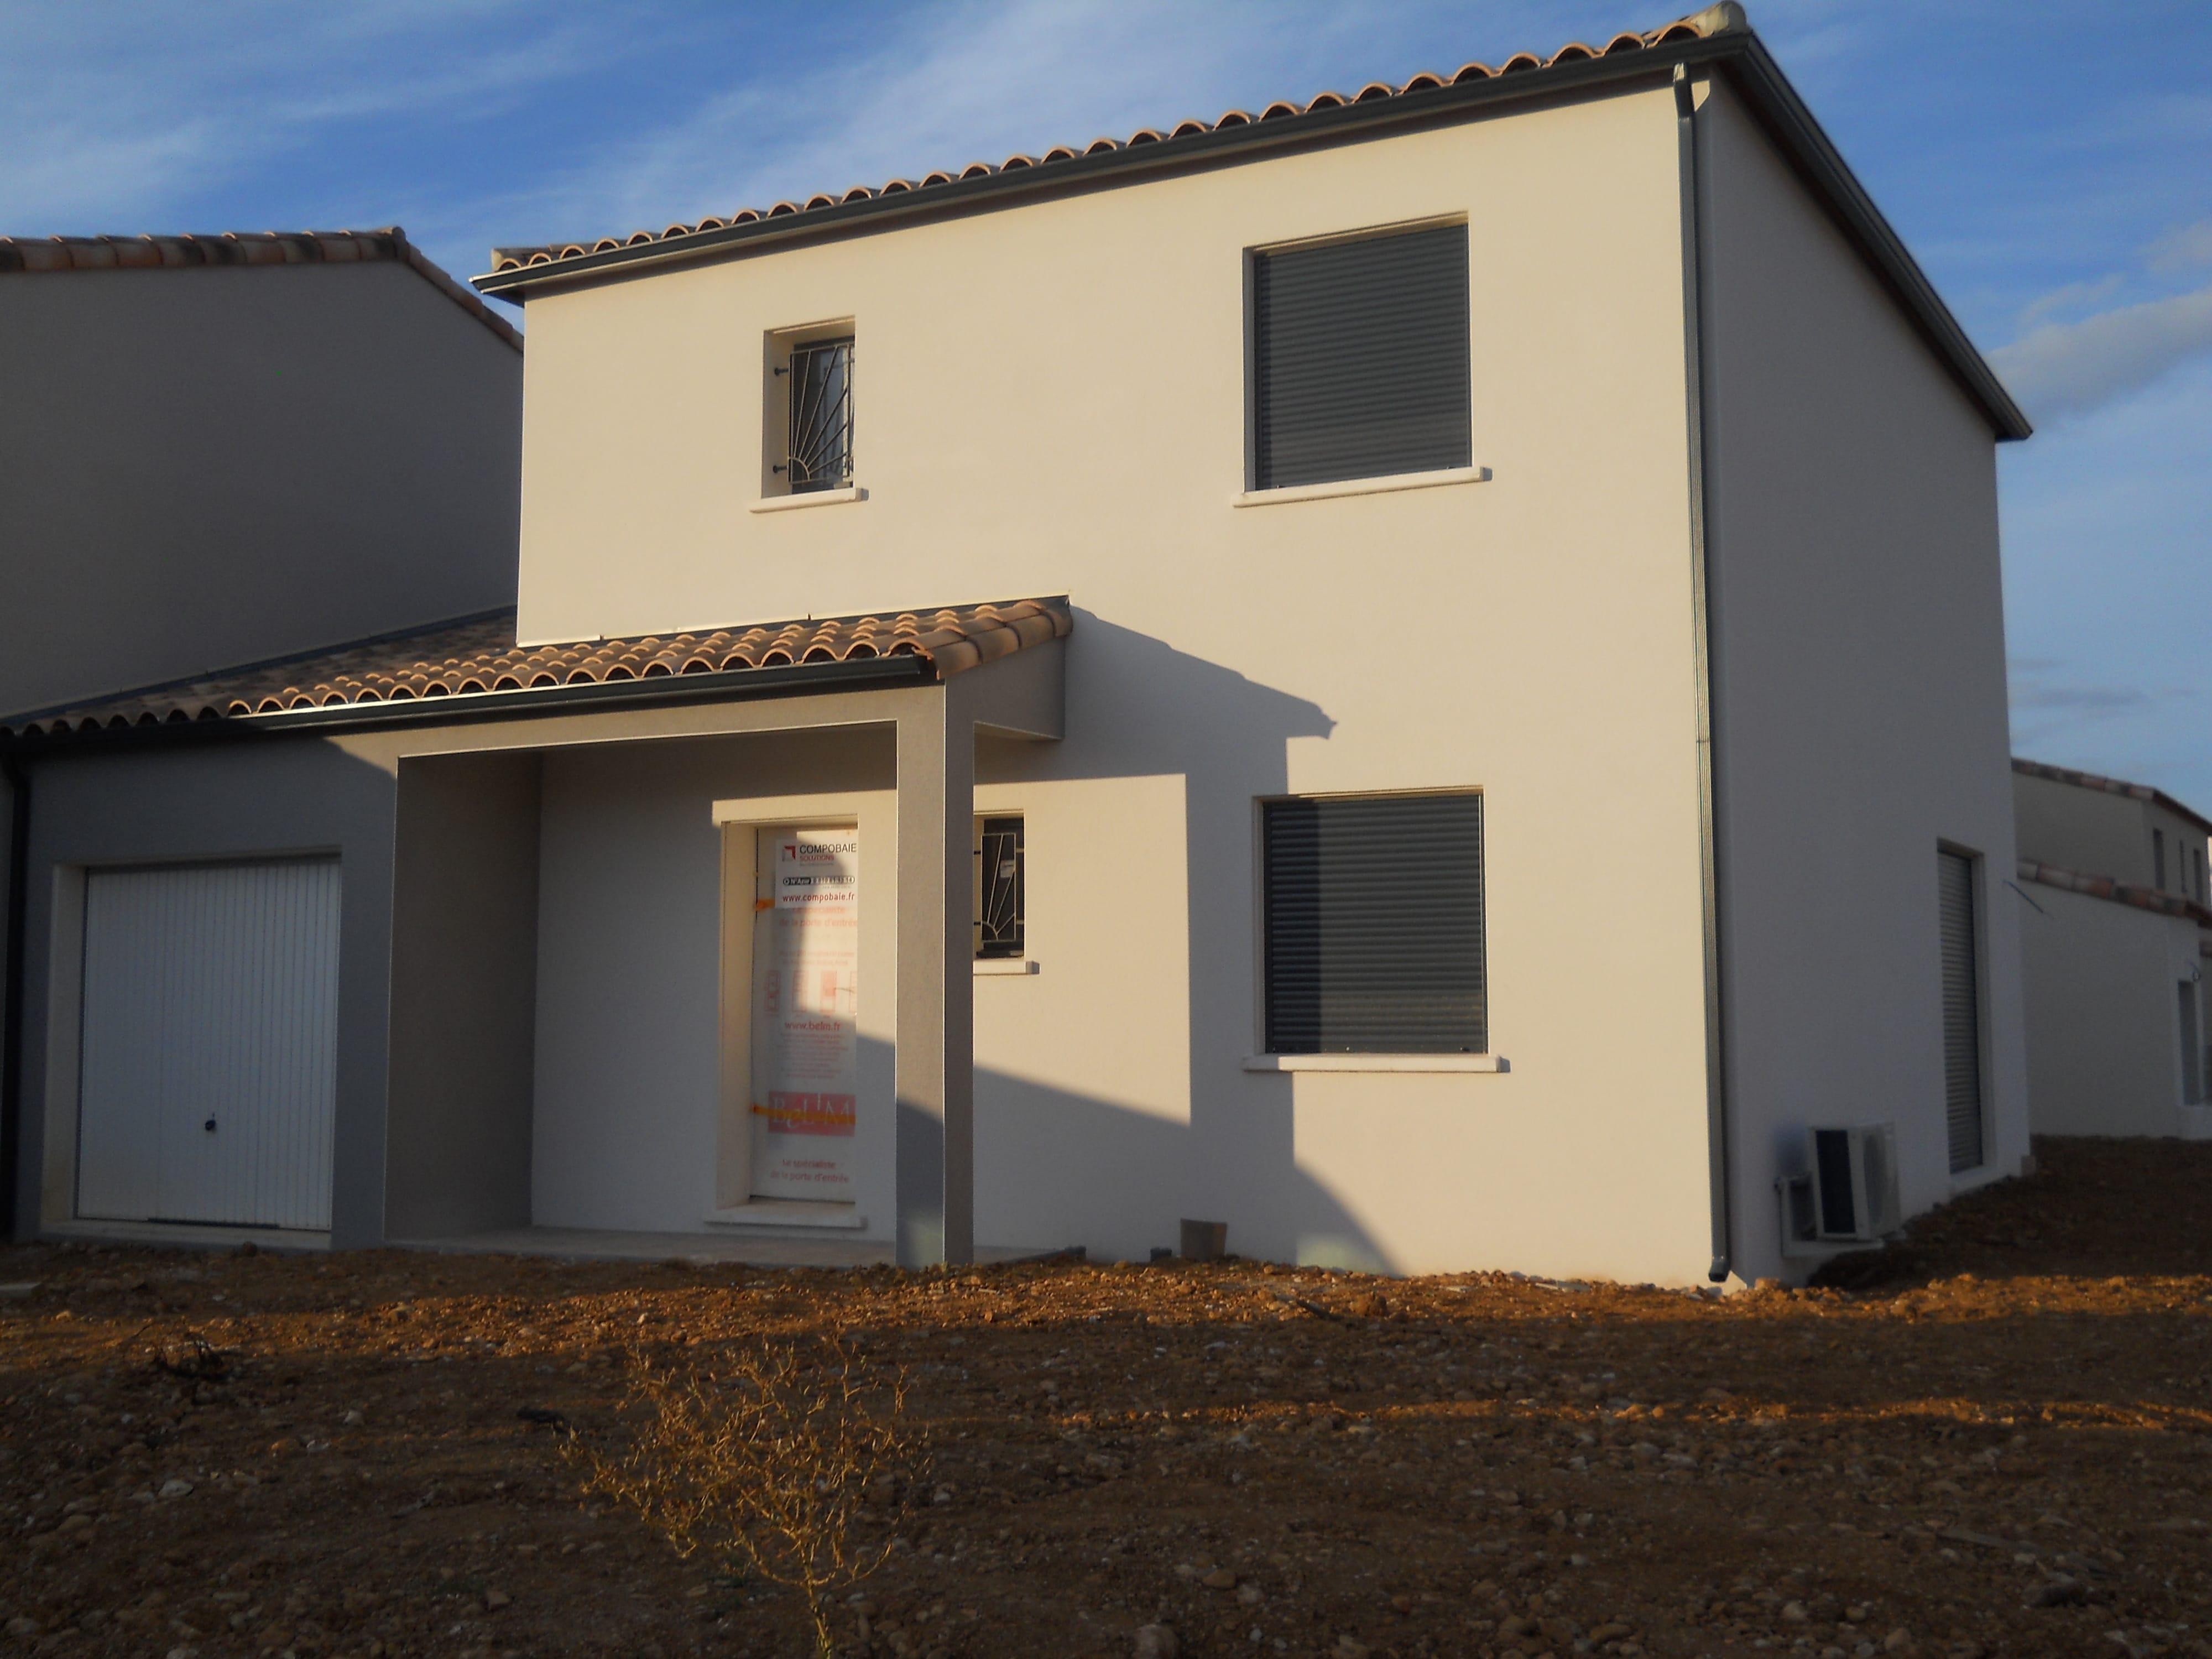 100 Incroyable Concepts Constructeur Maison Individuelle Narbonne